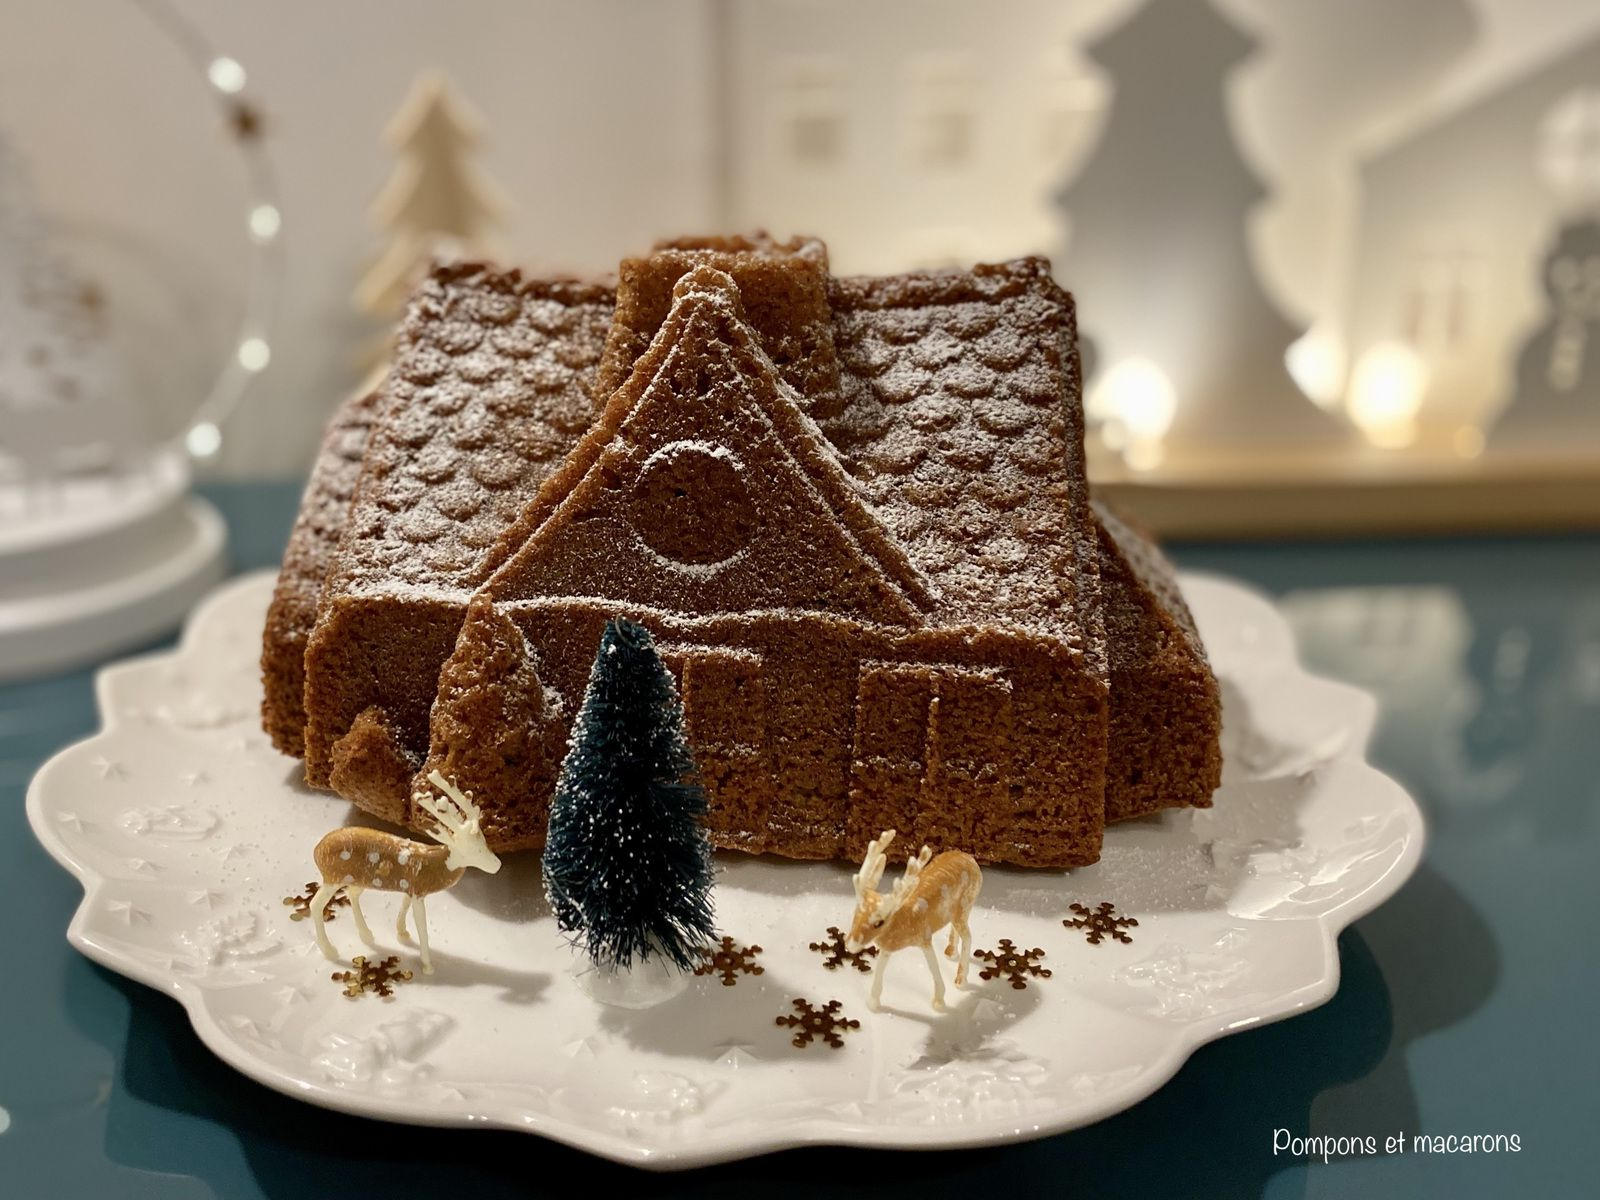 Gâteau Maison de pain d'épices Orange-Amandes-Noisettes (sans gluten et sans lactose)